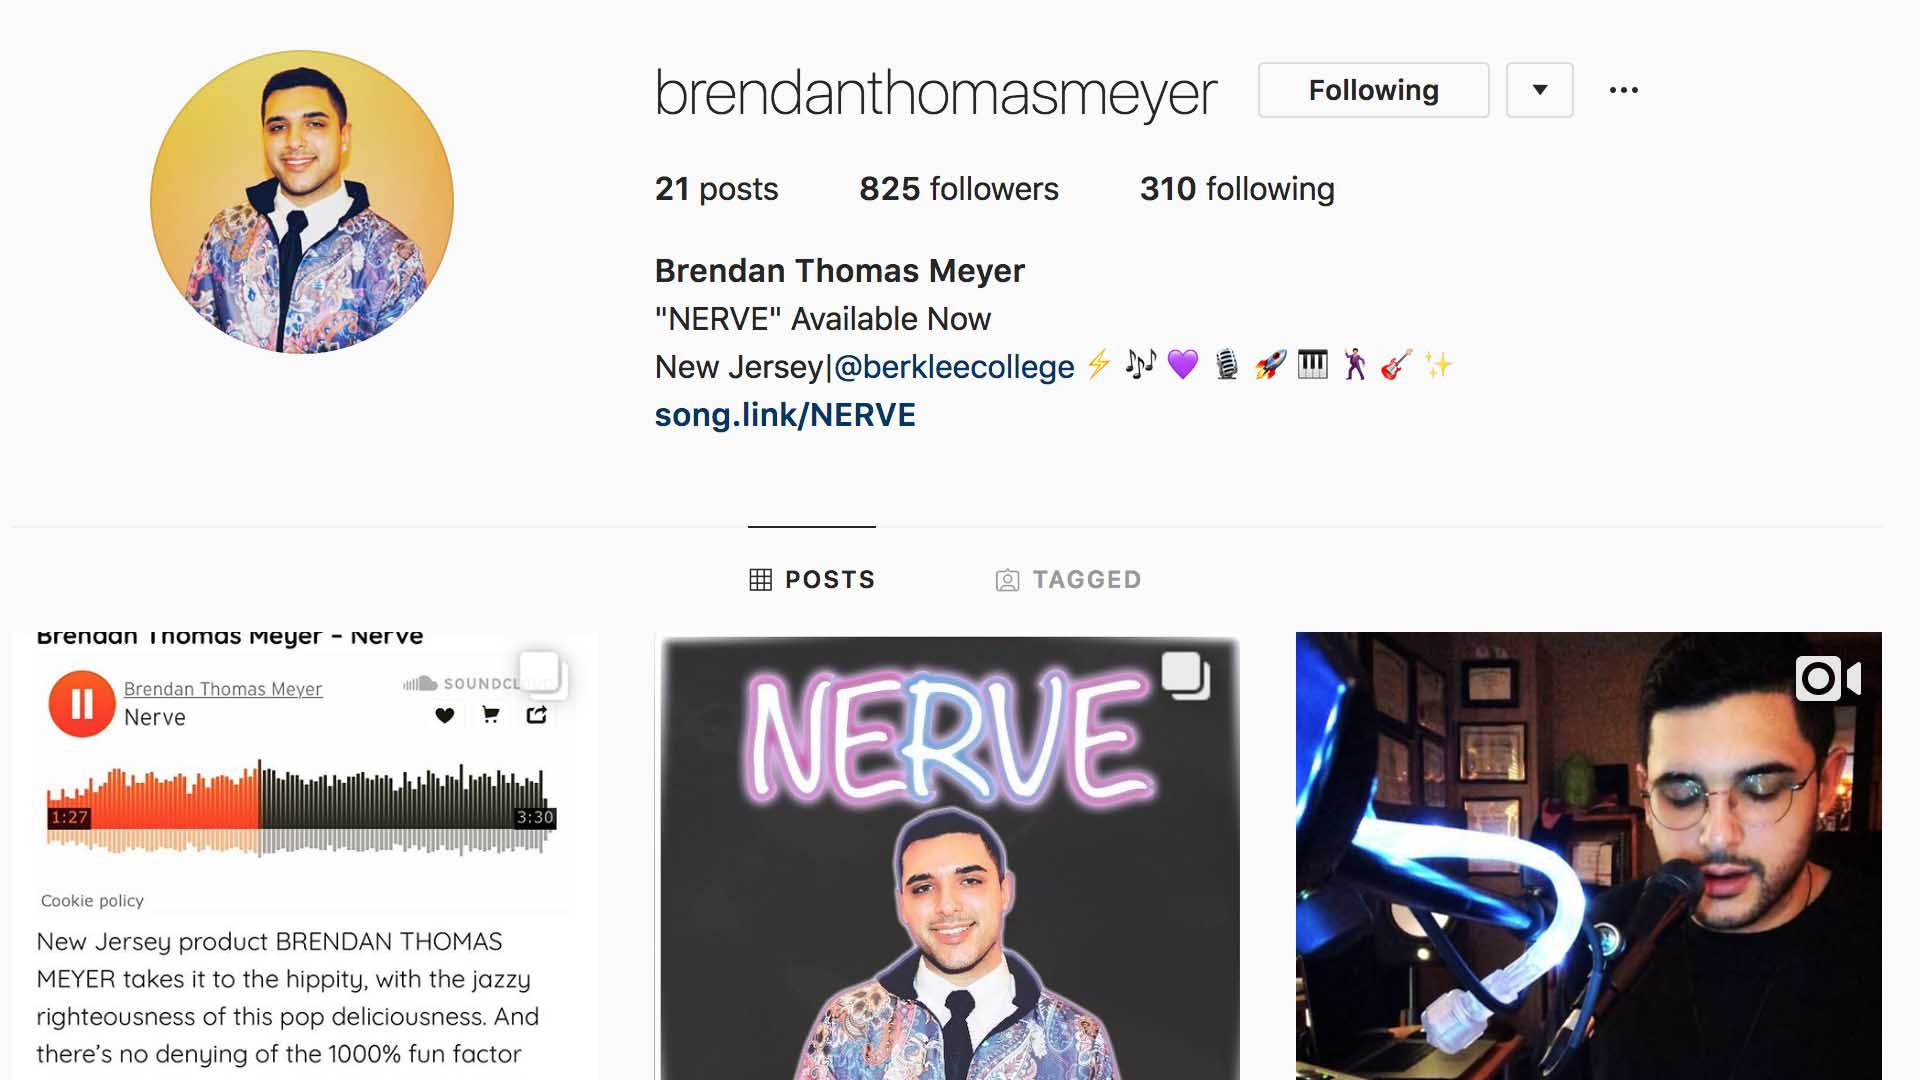 instagram.com/brendanthomasmeyer